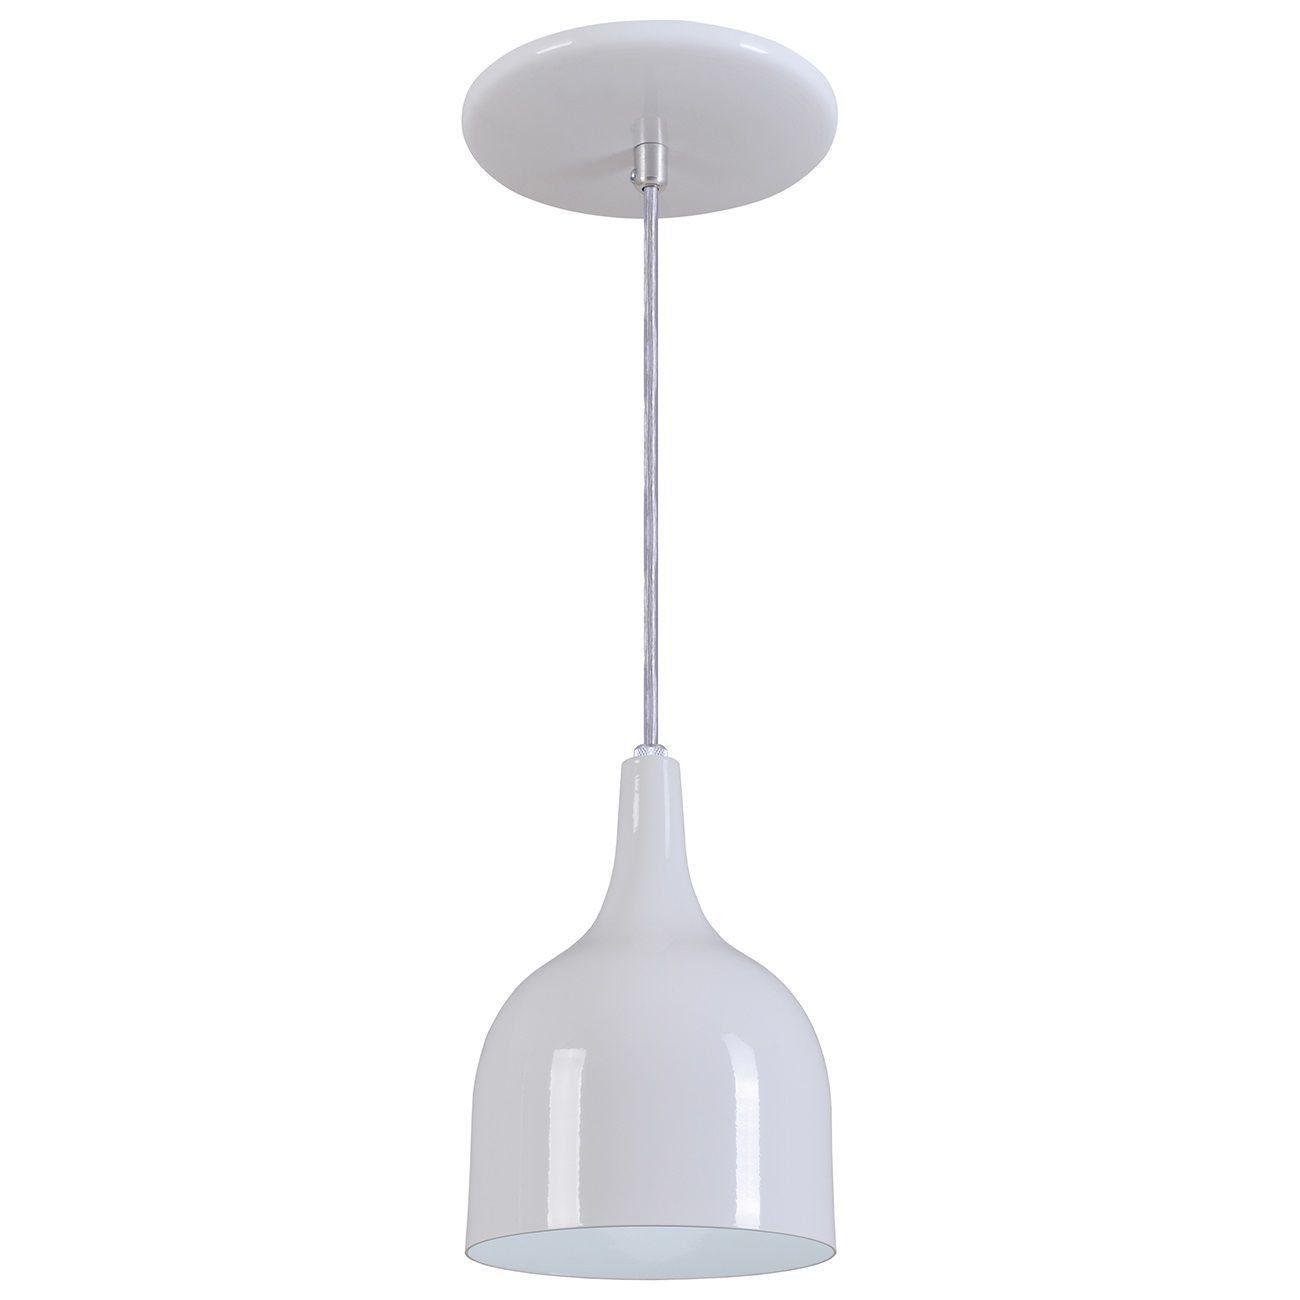 Pendente Gota Teat Luminária Lustre Alumínio Branco Brilhante - Rei Da Iluminação